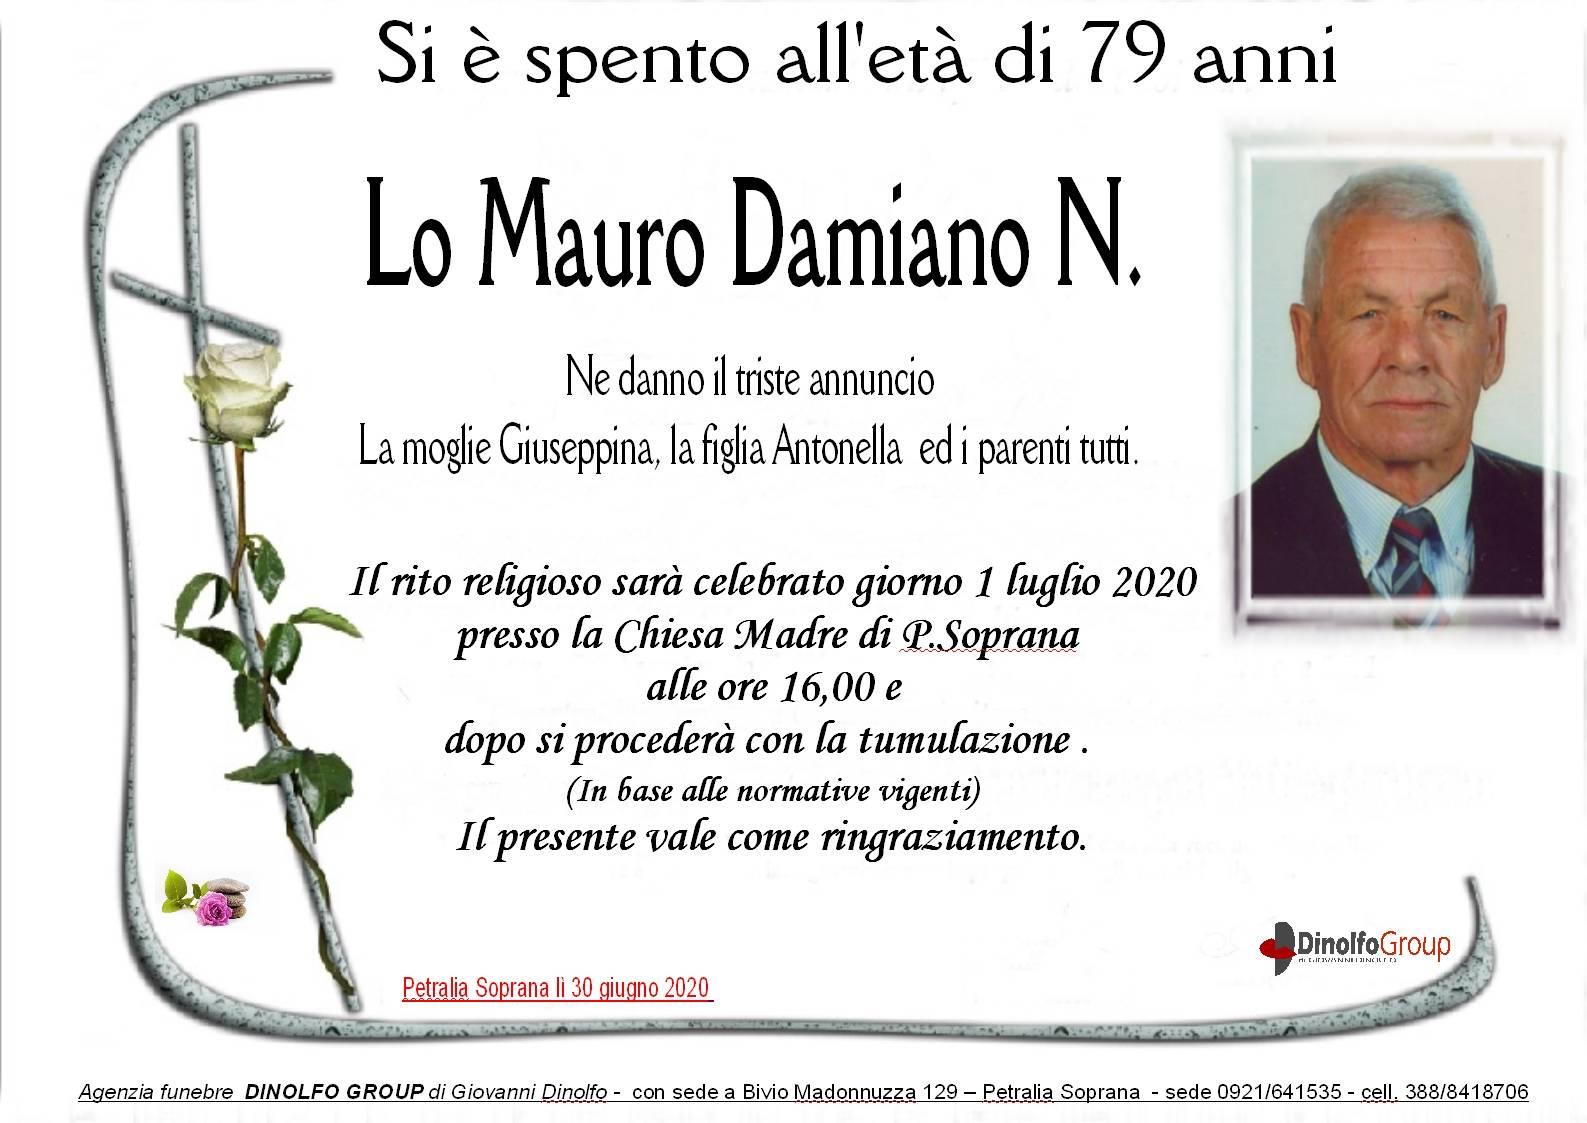 Damiano Natale Lo Mauro